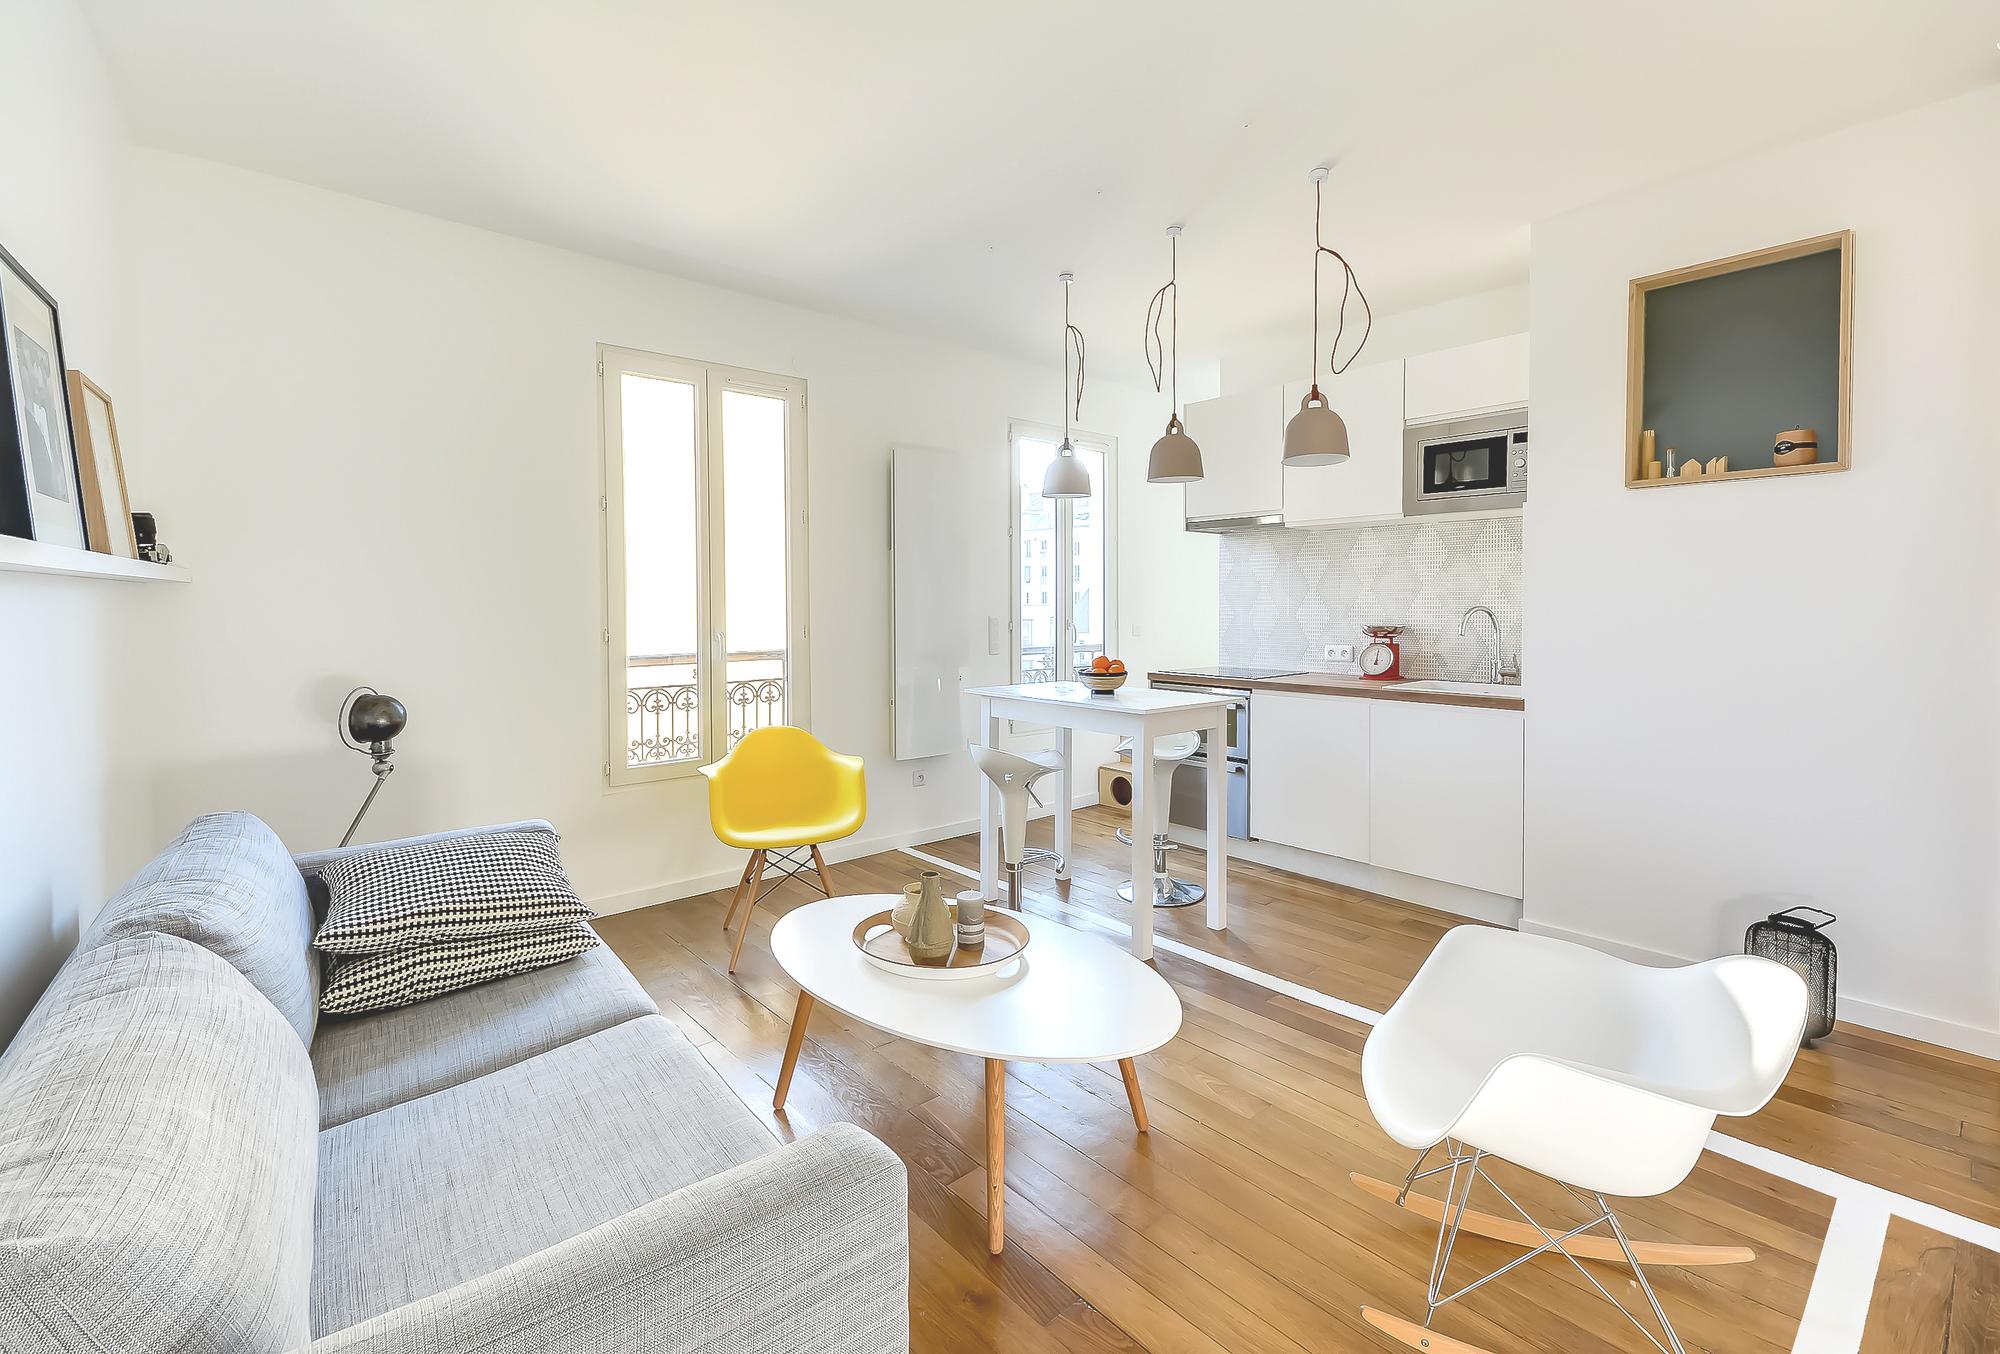 30m2 apartment in paris 30m2 Apartment in Paris